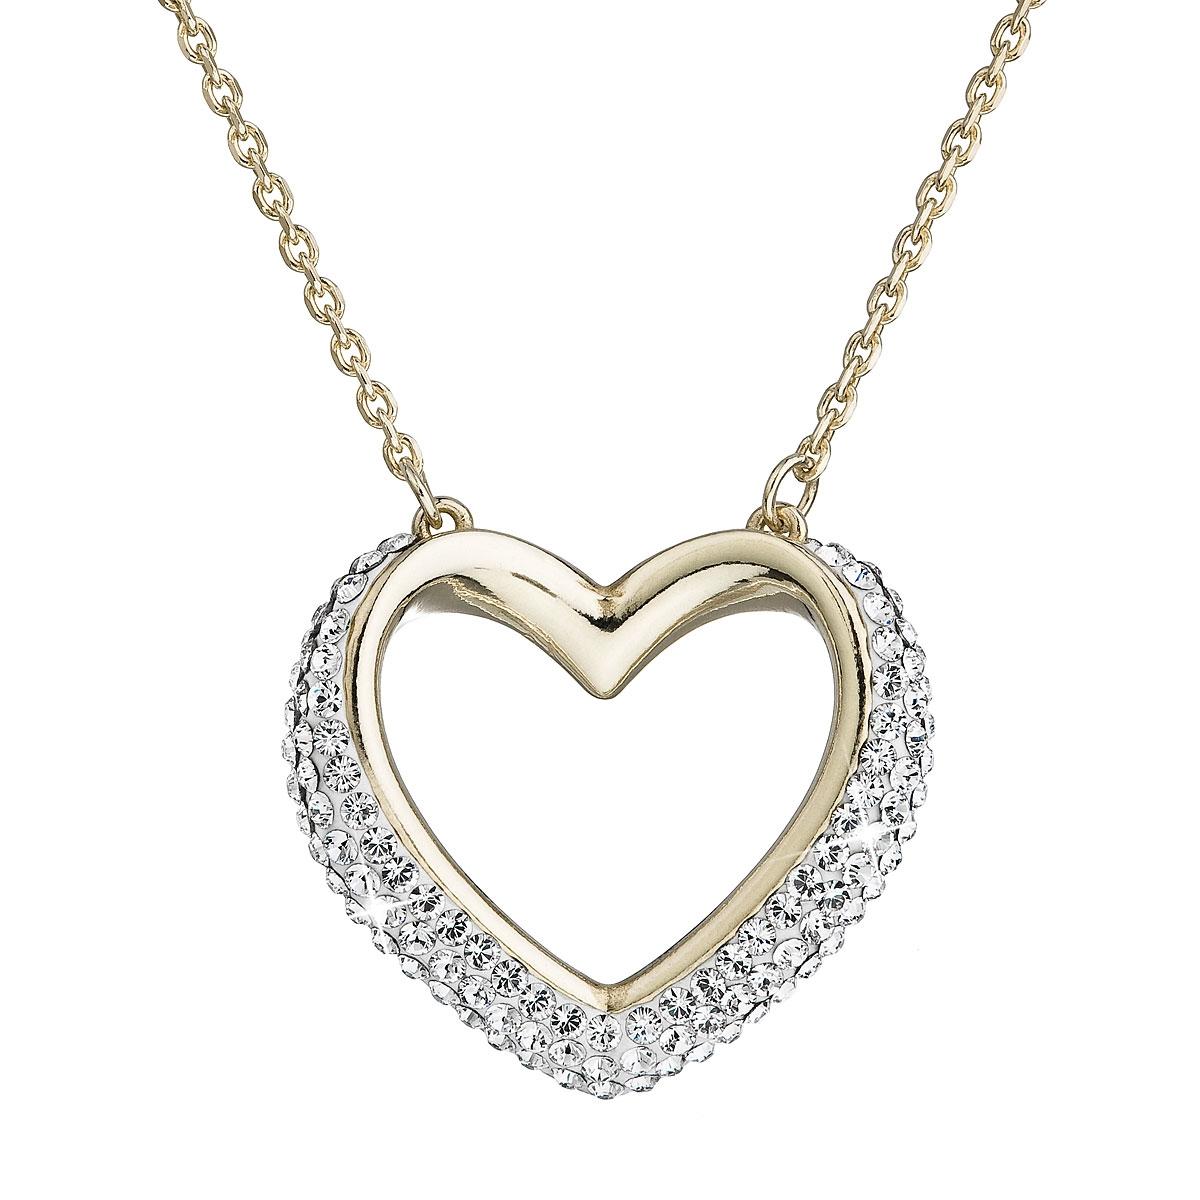 Stříbrný náhrdelník s krystaly Swarovski bílé srdce krystal gold